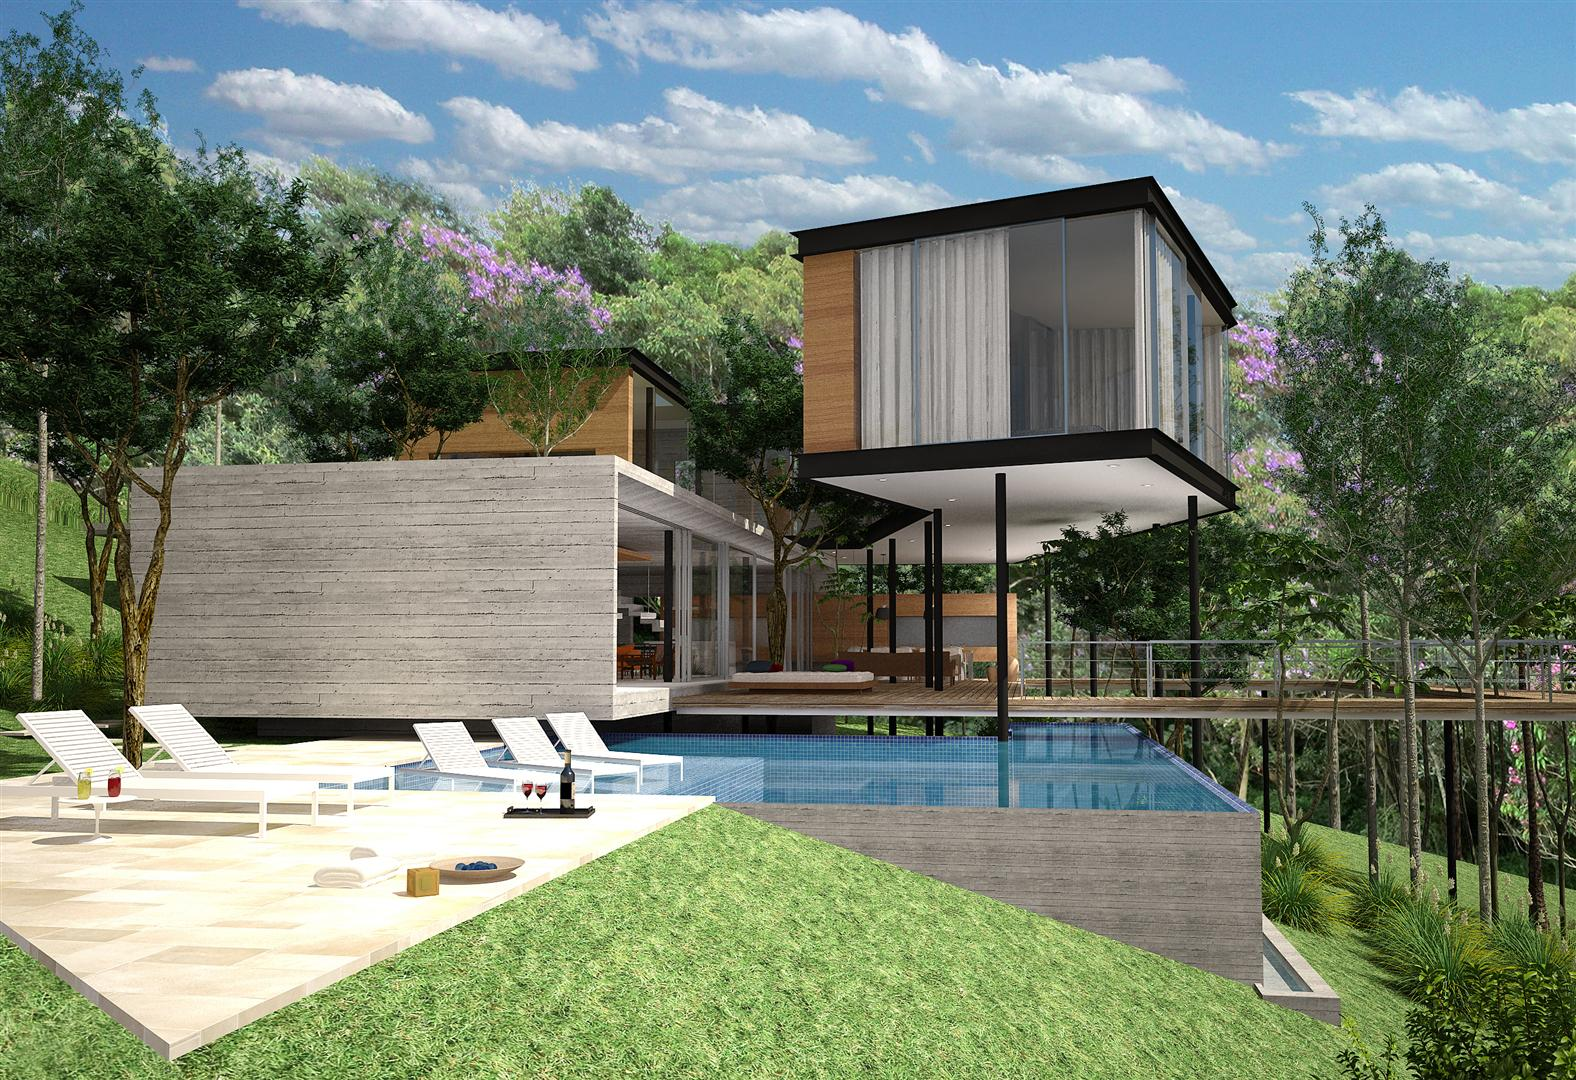 Casa Boratto / FGMF Arquitetos, Cortesia de FGMF Arquitetos